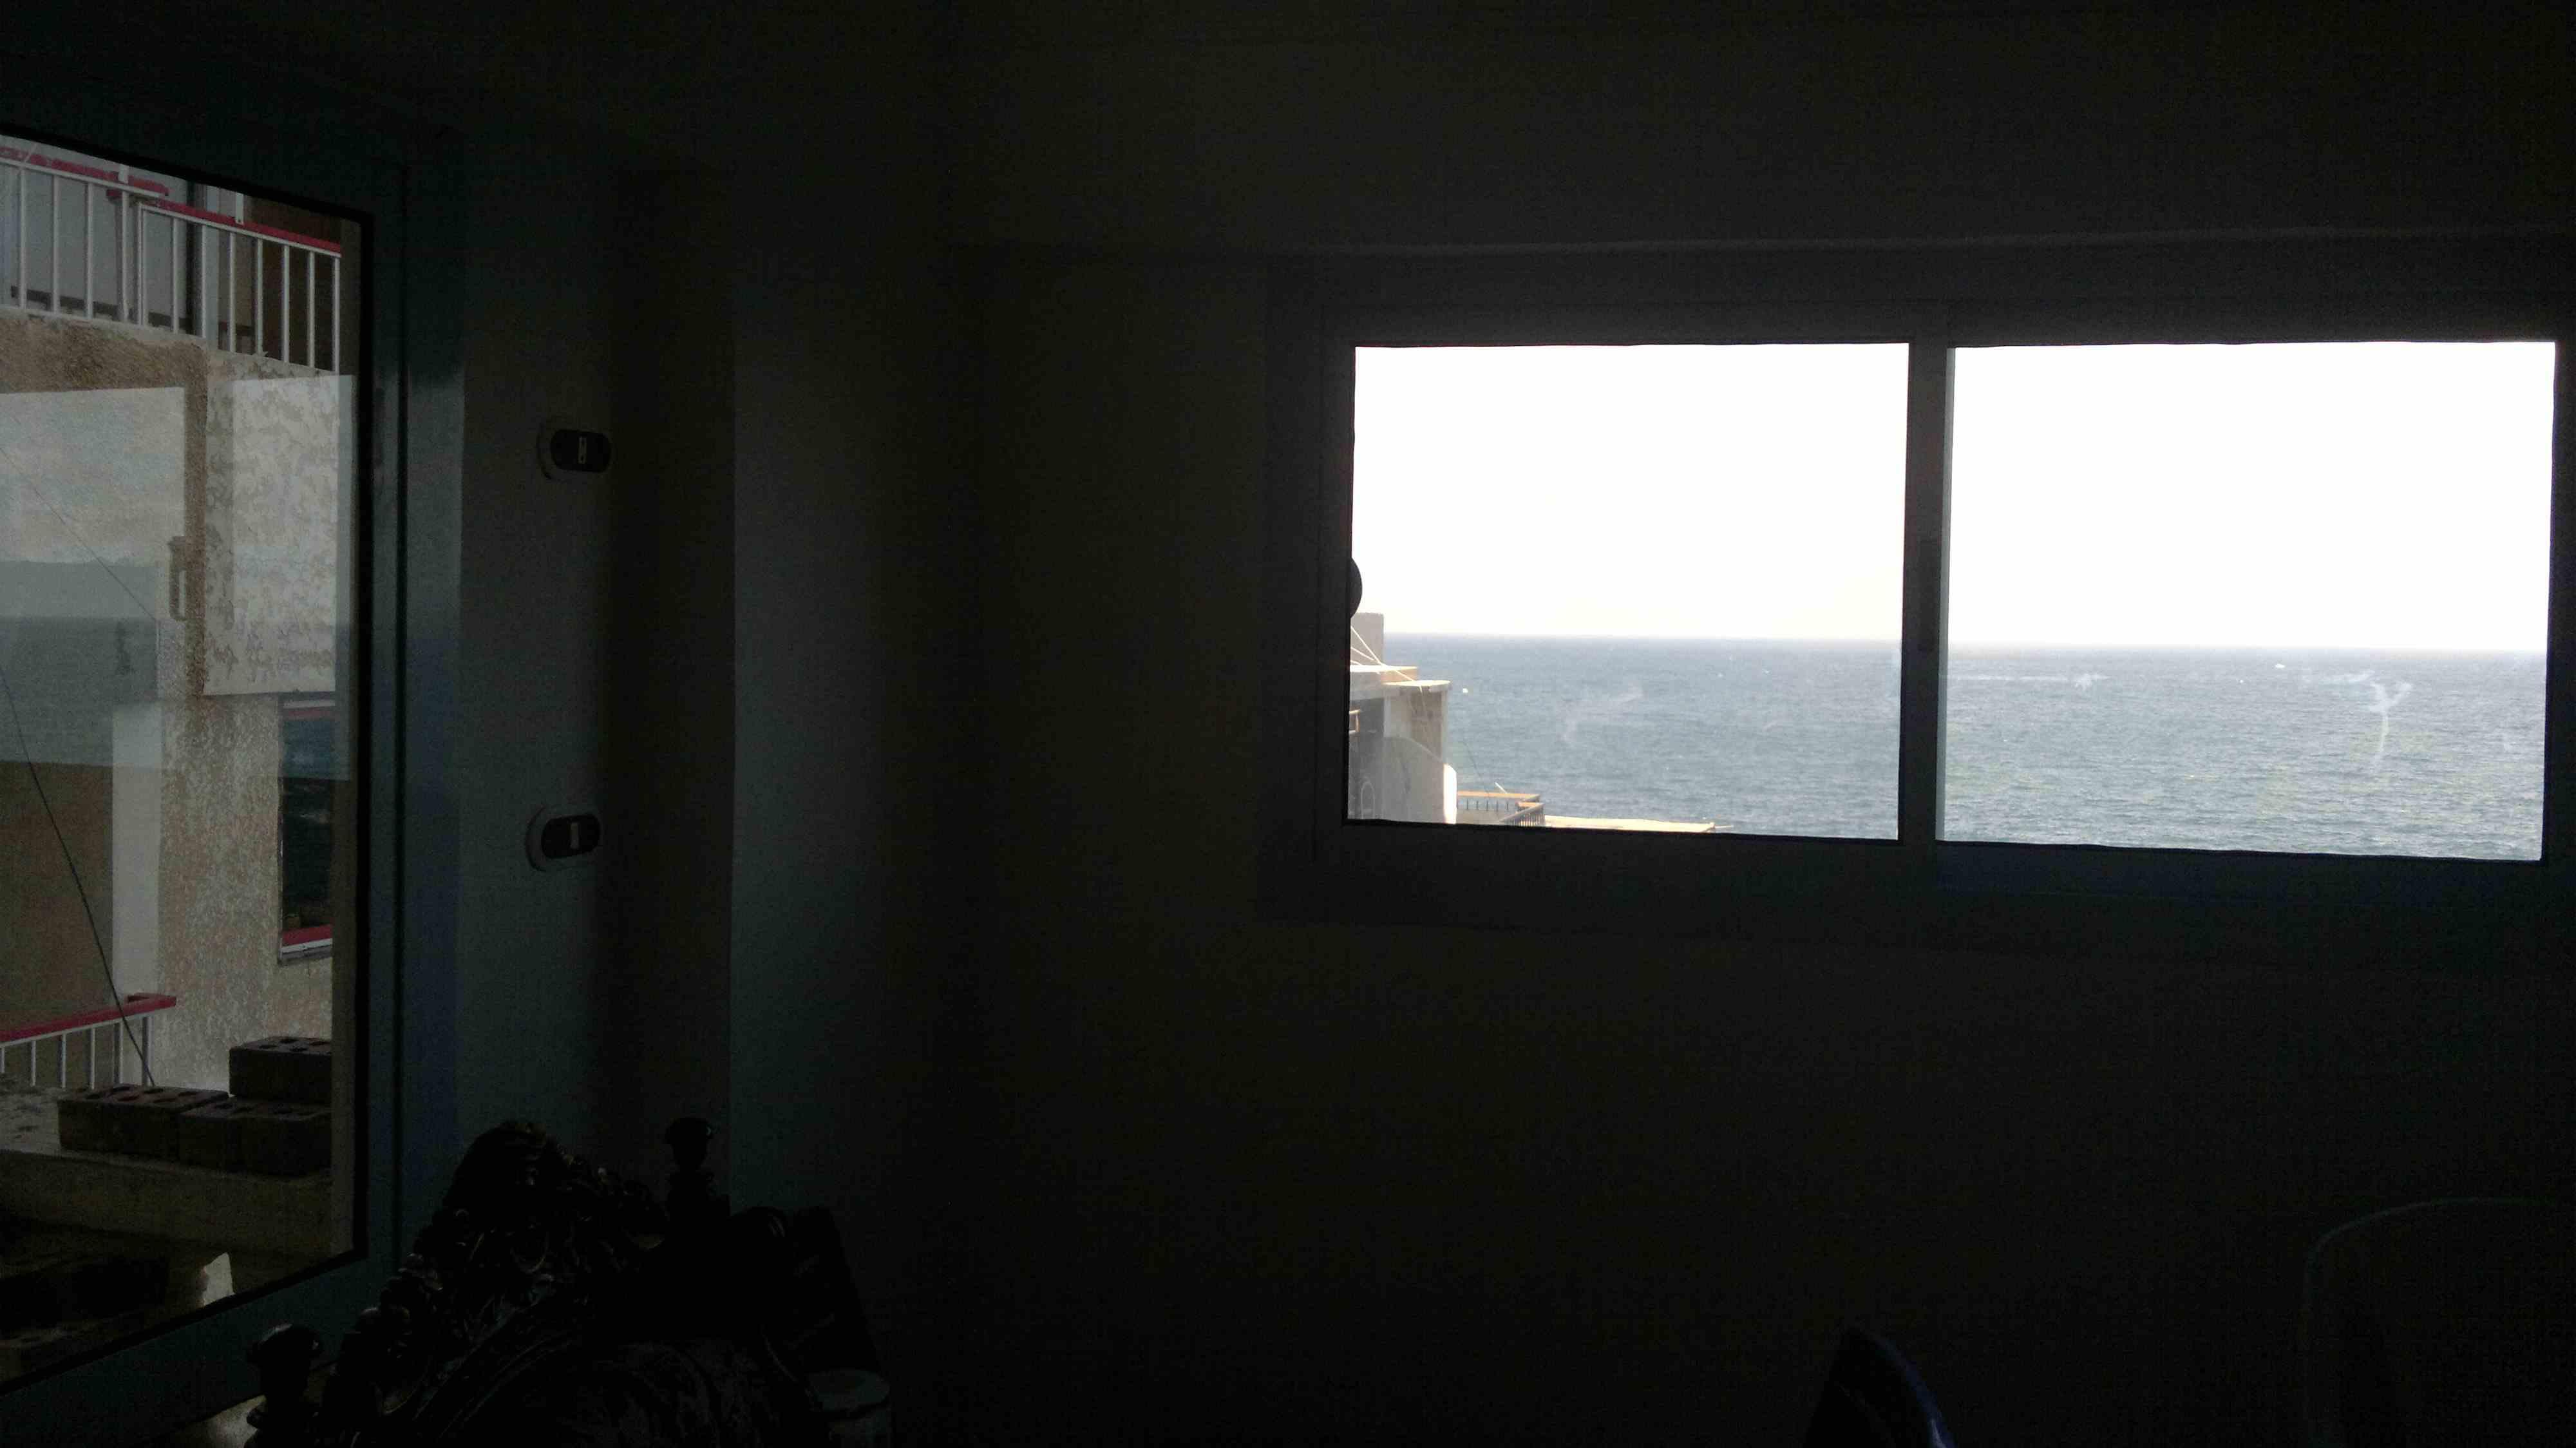 عقار ستوك -  للبيع شقة 90 متر تالت نمرة من الكورنيش وأول واجهة من البحر